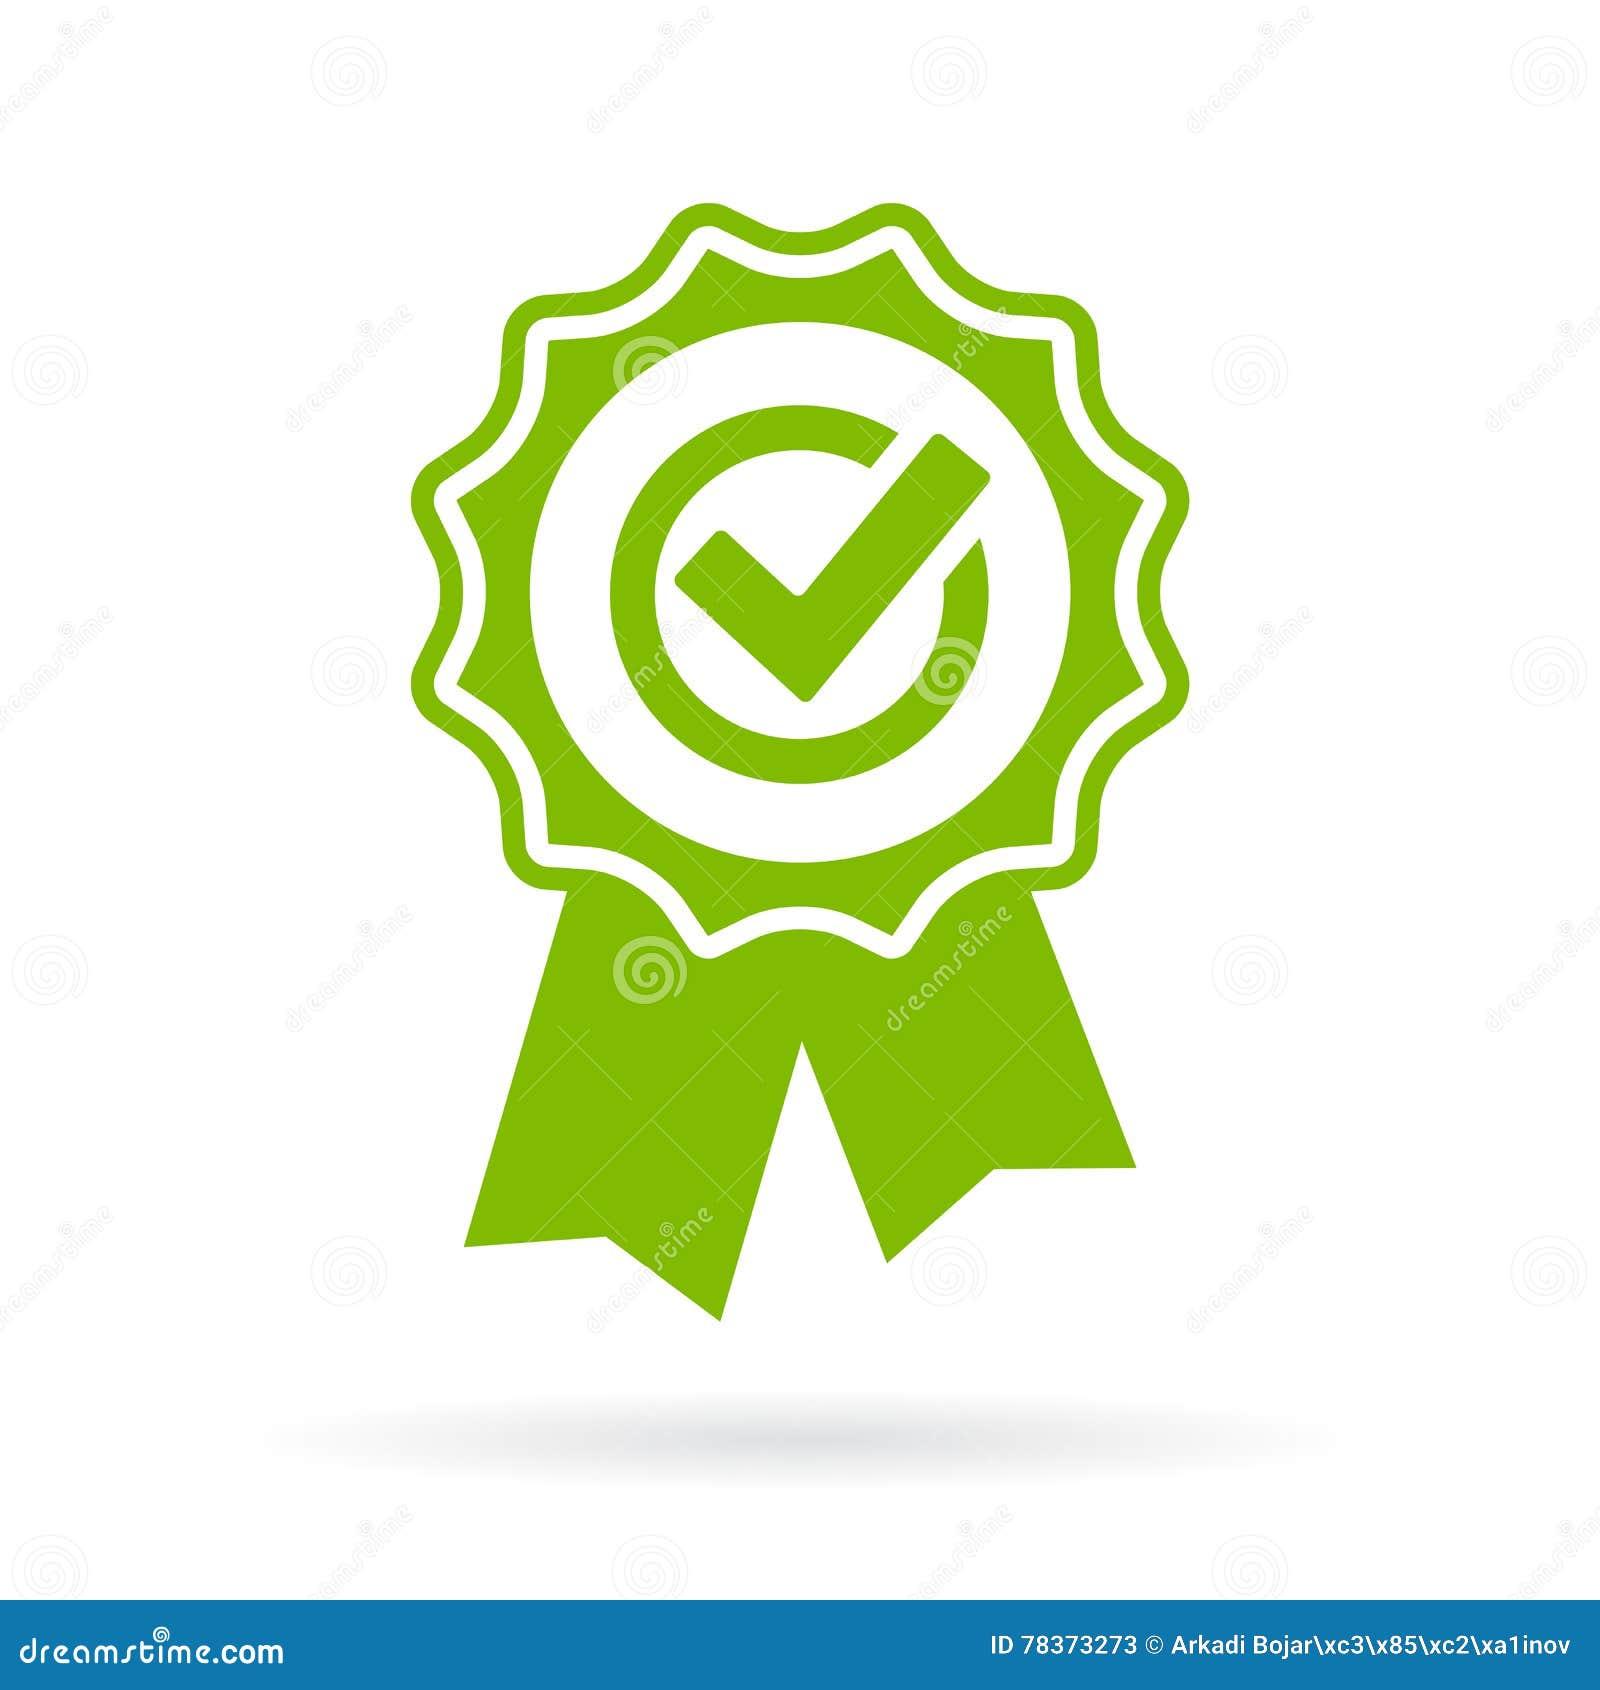 Groen goedkeuringscertificaat